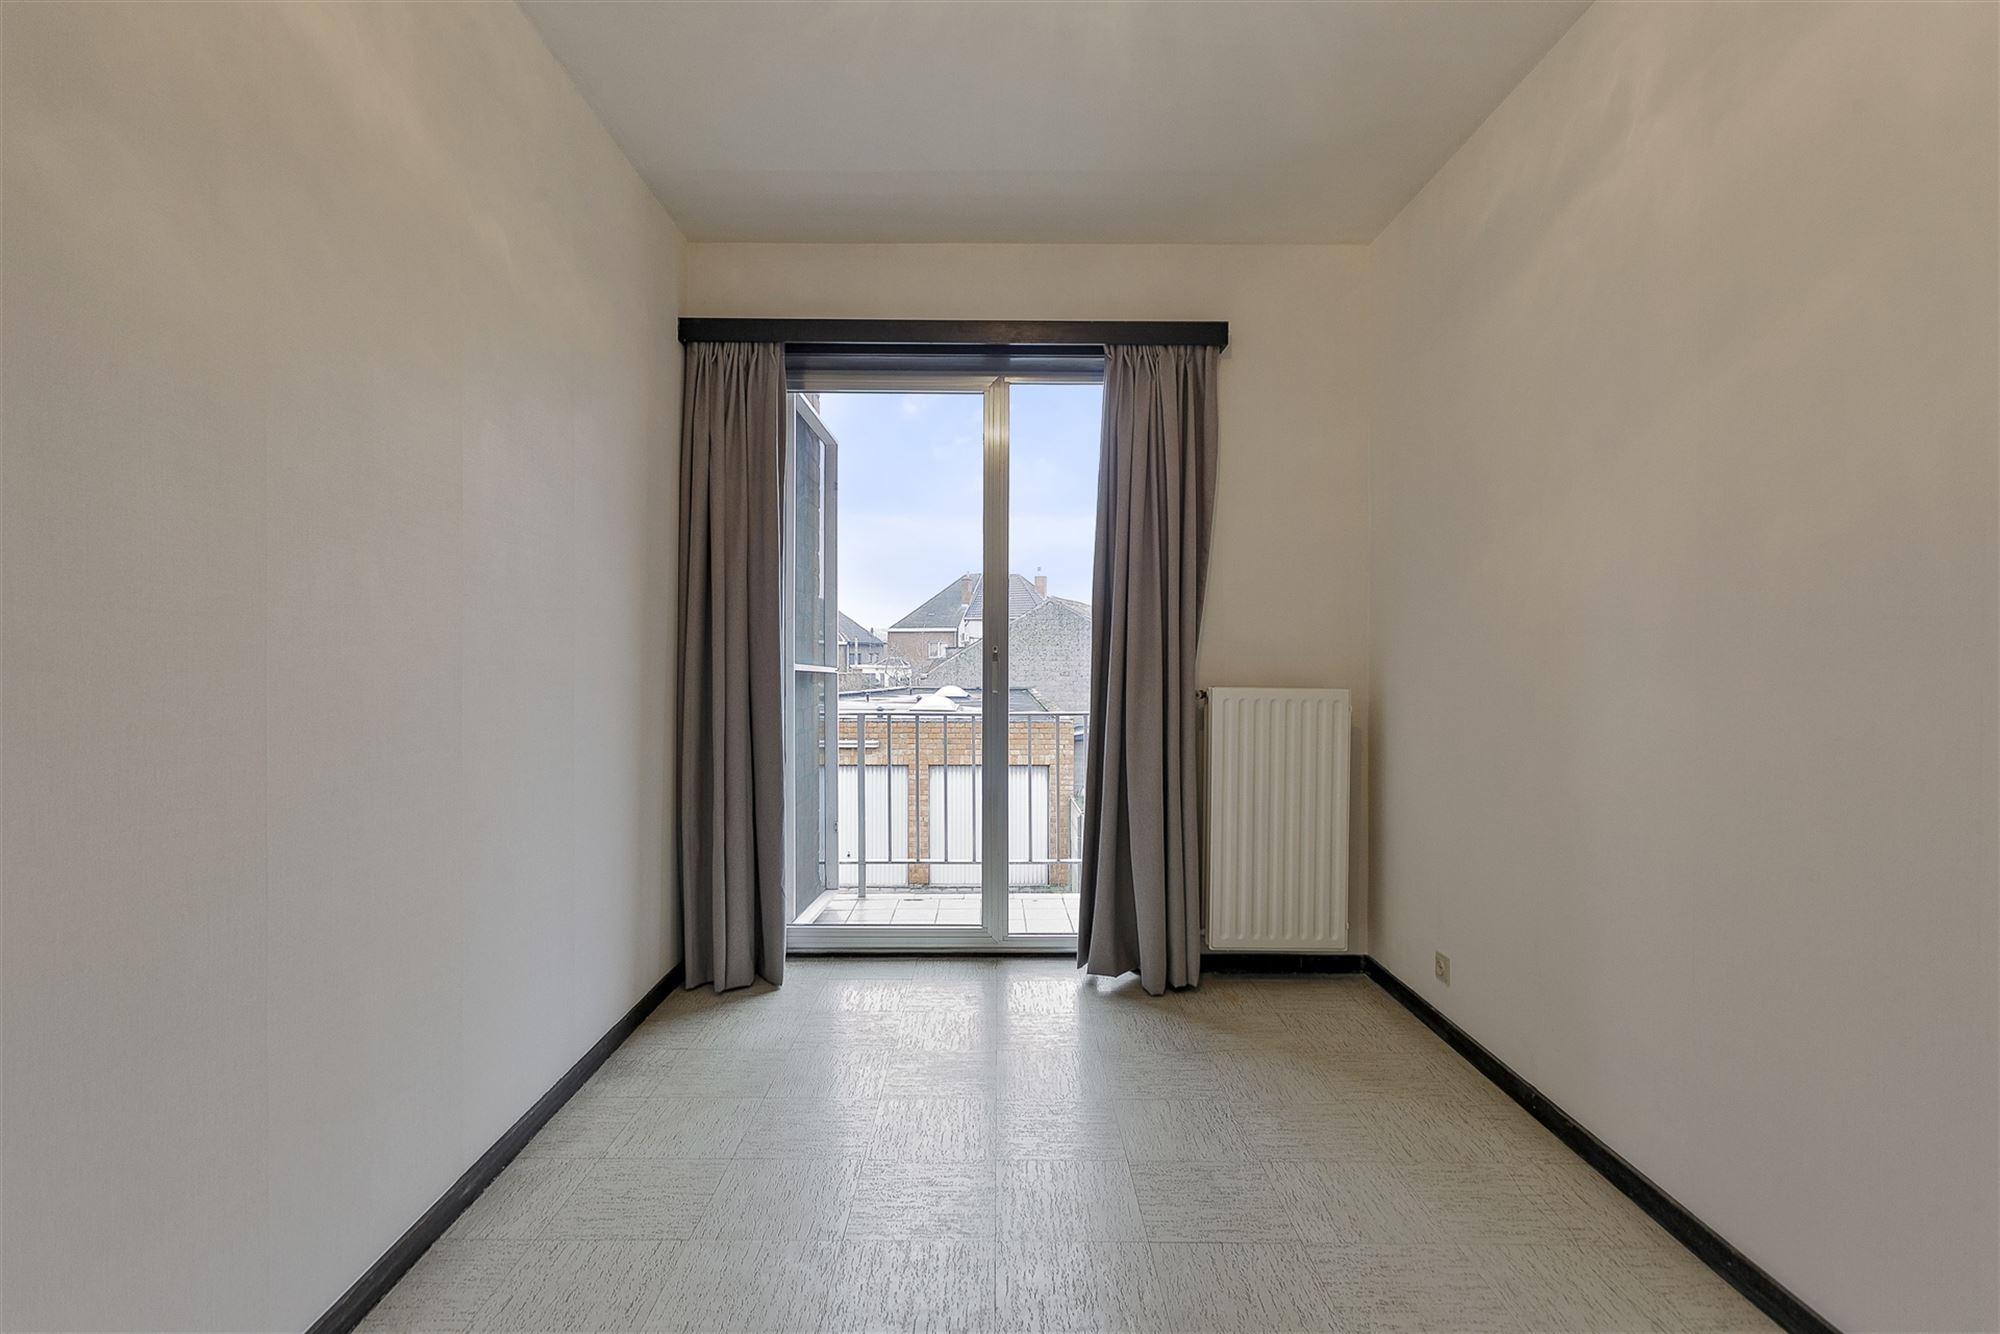 +++OPTIE!+++  Gezellig appartement met veel lichtinval gelegen op 5 minuten rijden van het treinstation Aalst en de oprit van de E40! In de directe om...